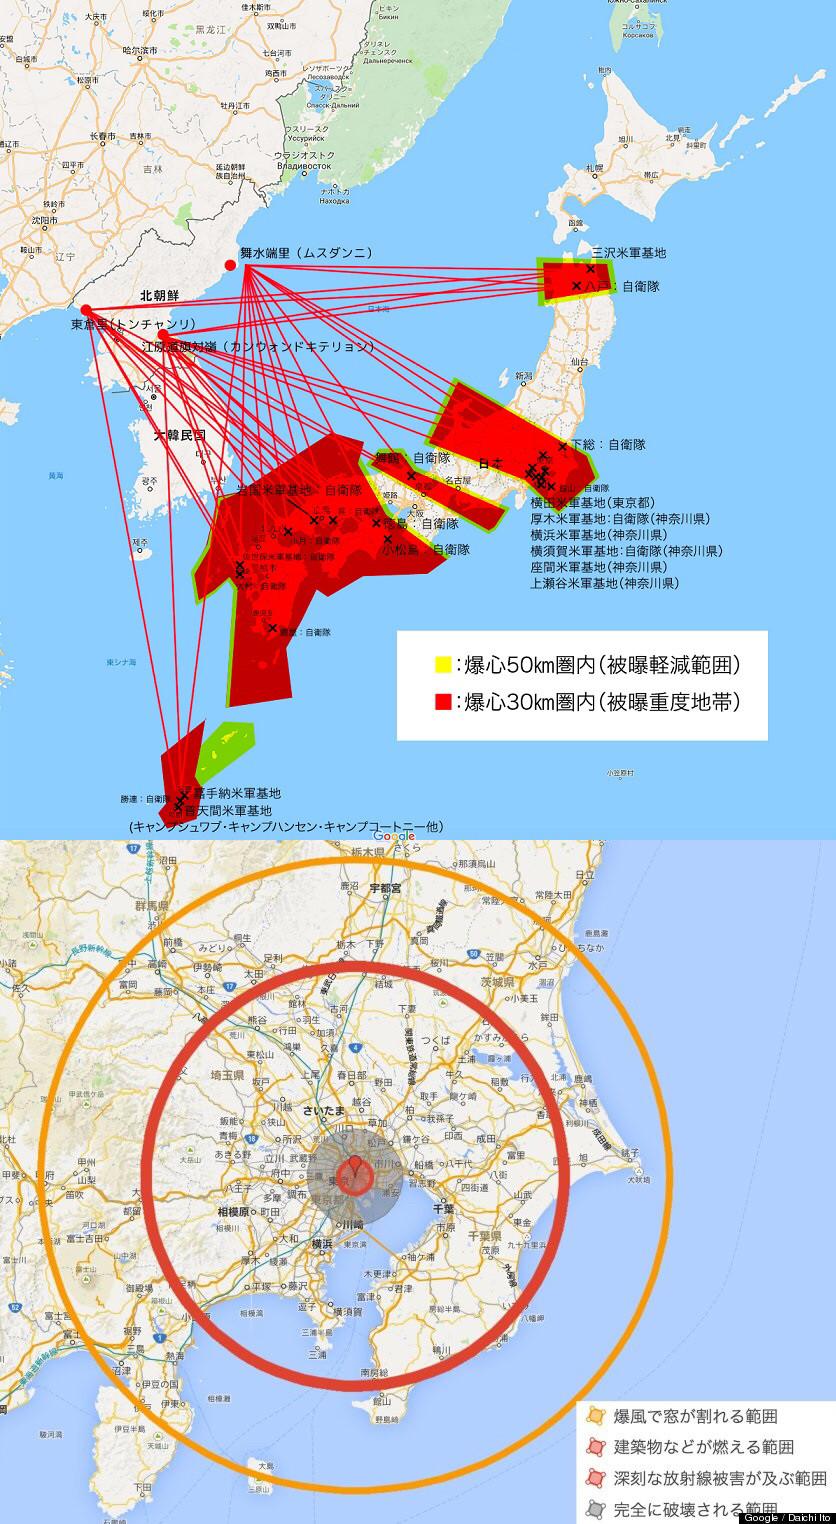 【壊滅】北朝鮮が開発した水爆の威力 想定される被害が酷いwwwwwwのサムネイル画像